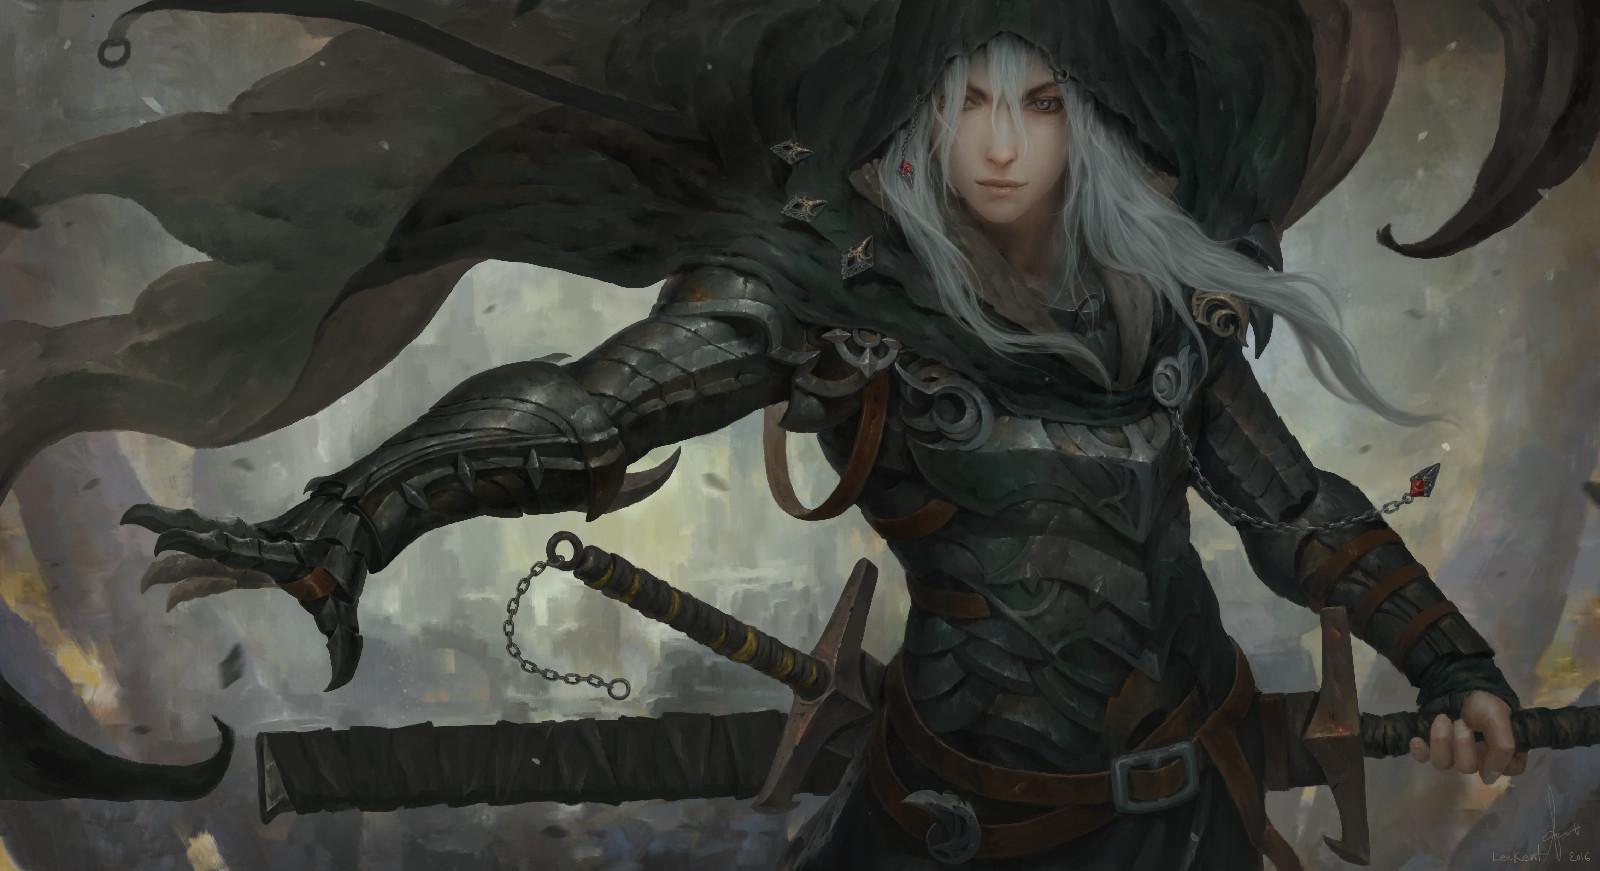 Anime Girl Wallpaper White Haired Demon Guy Artstation Sin Of Human Lee Kent